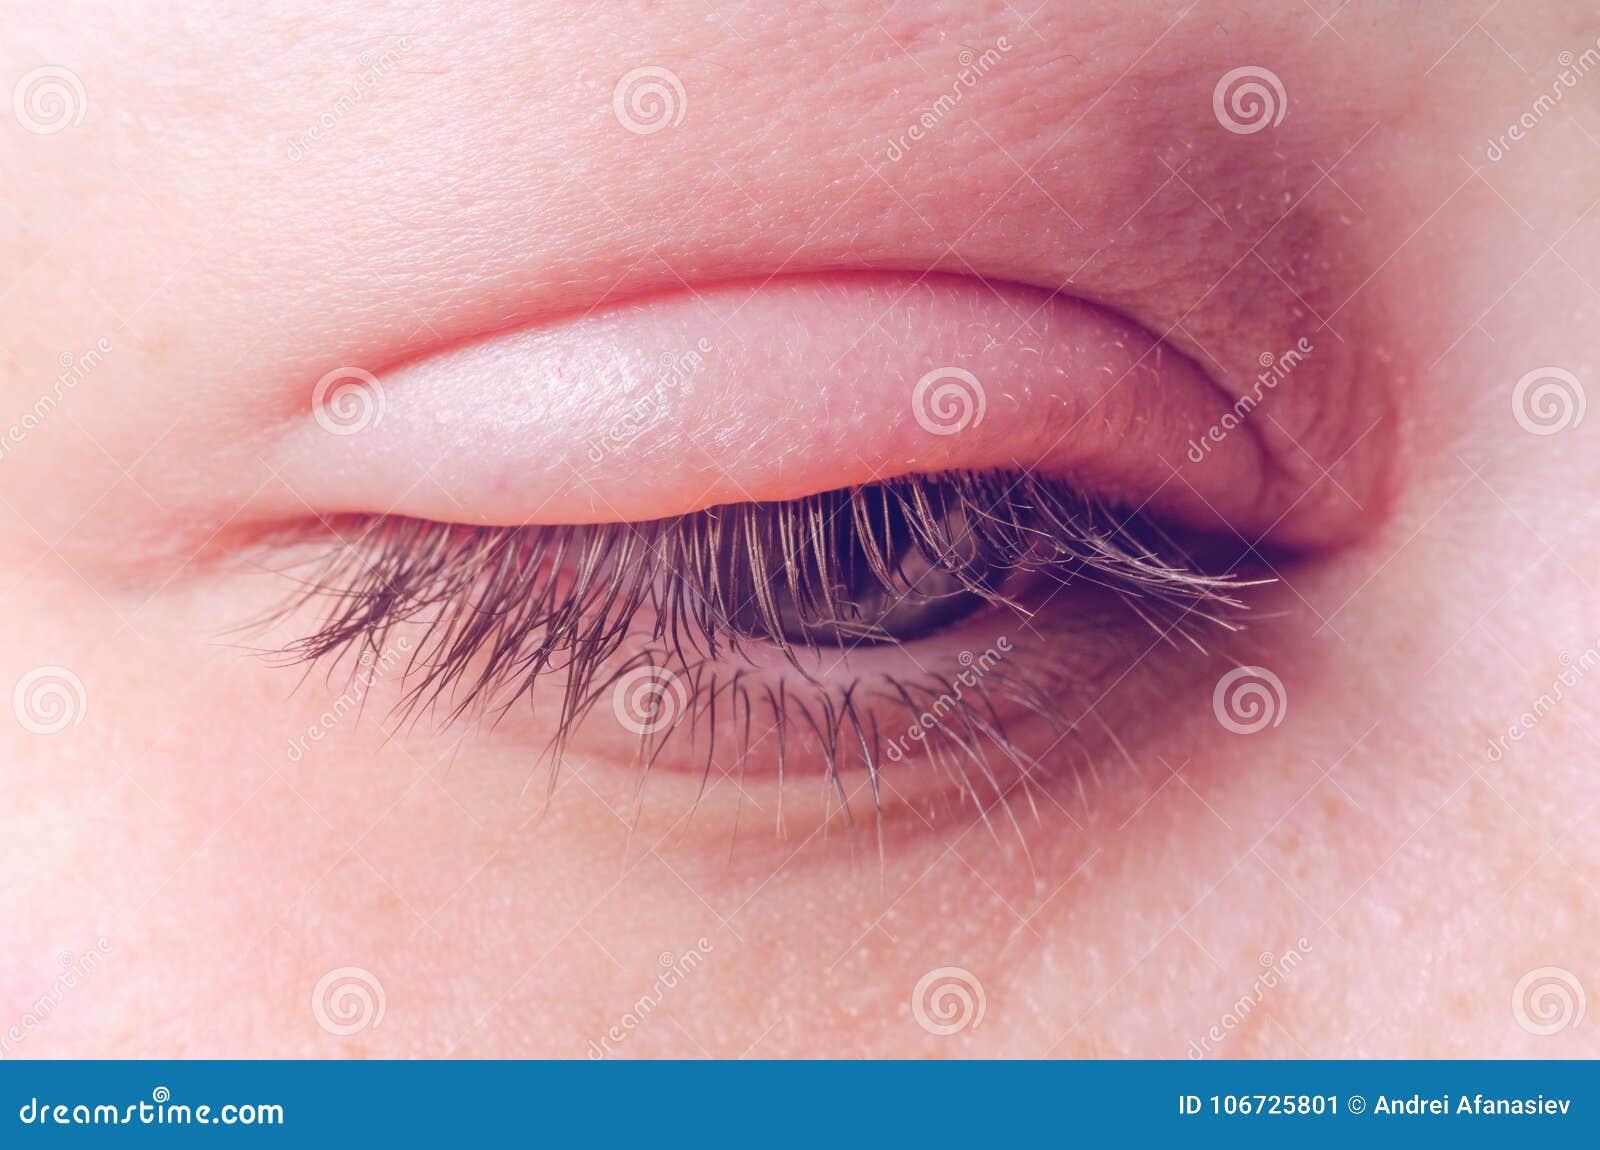 infeccion en in ojo